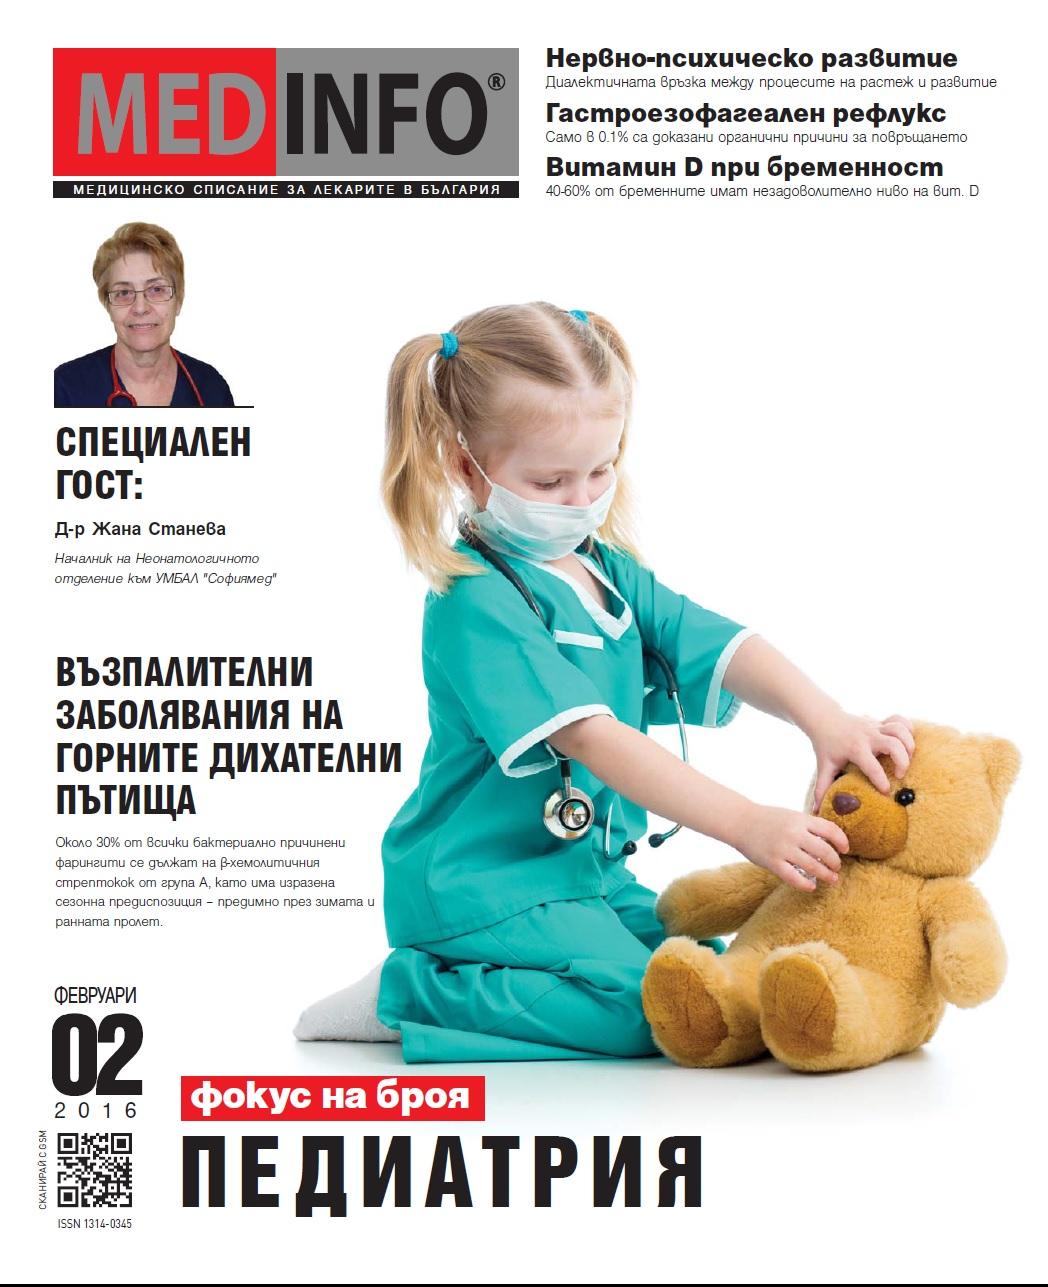 Специален гост на списание Medinfo д-р Жана Станева